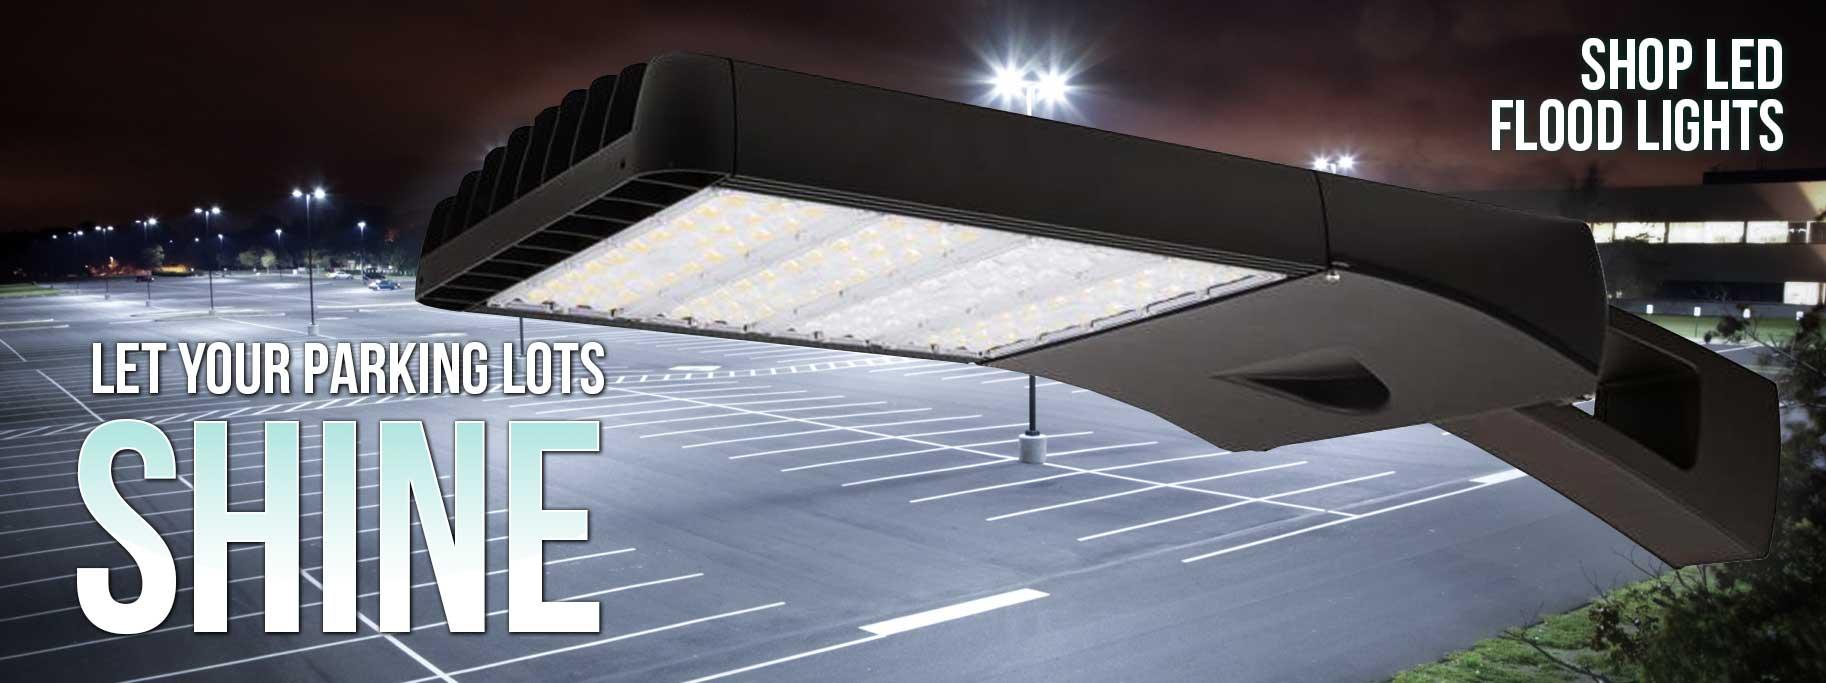 Let Your Parking Lots Shine - Shop LED Flood Lights